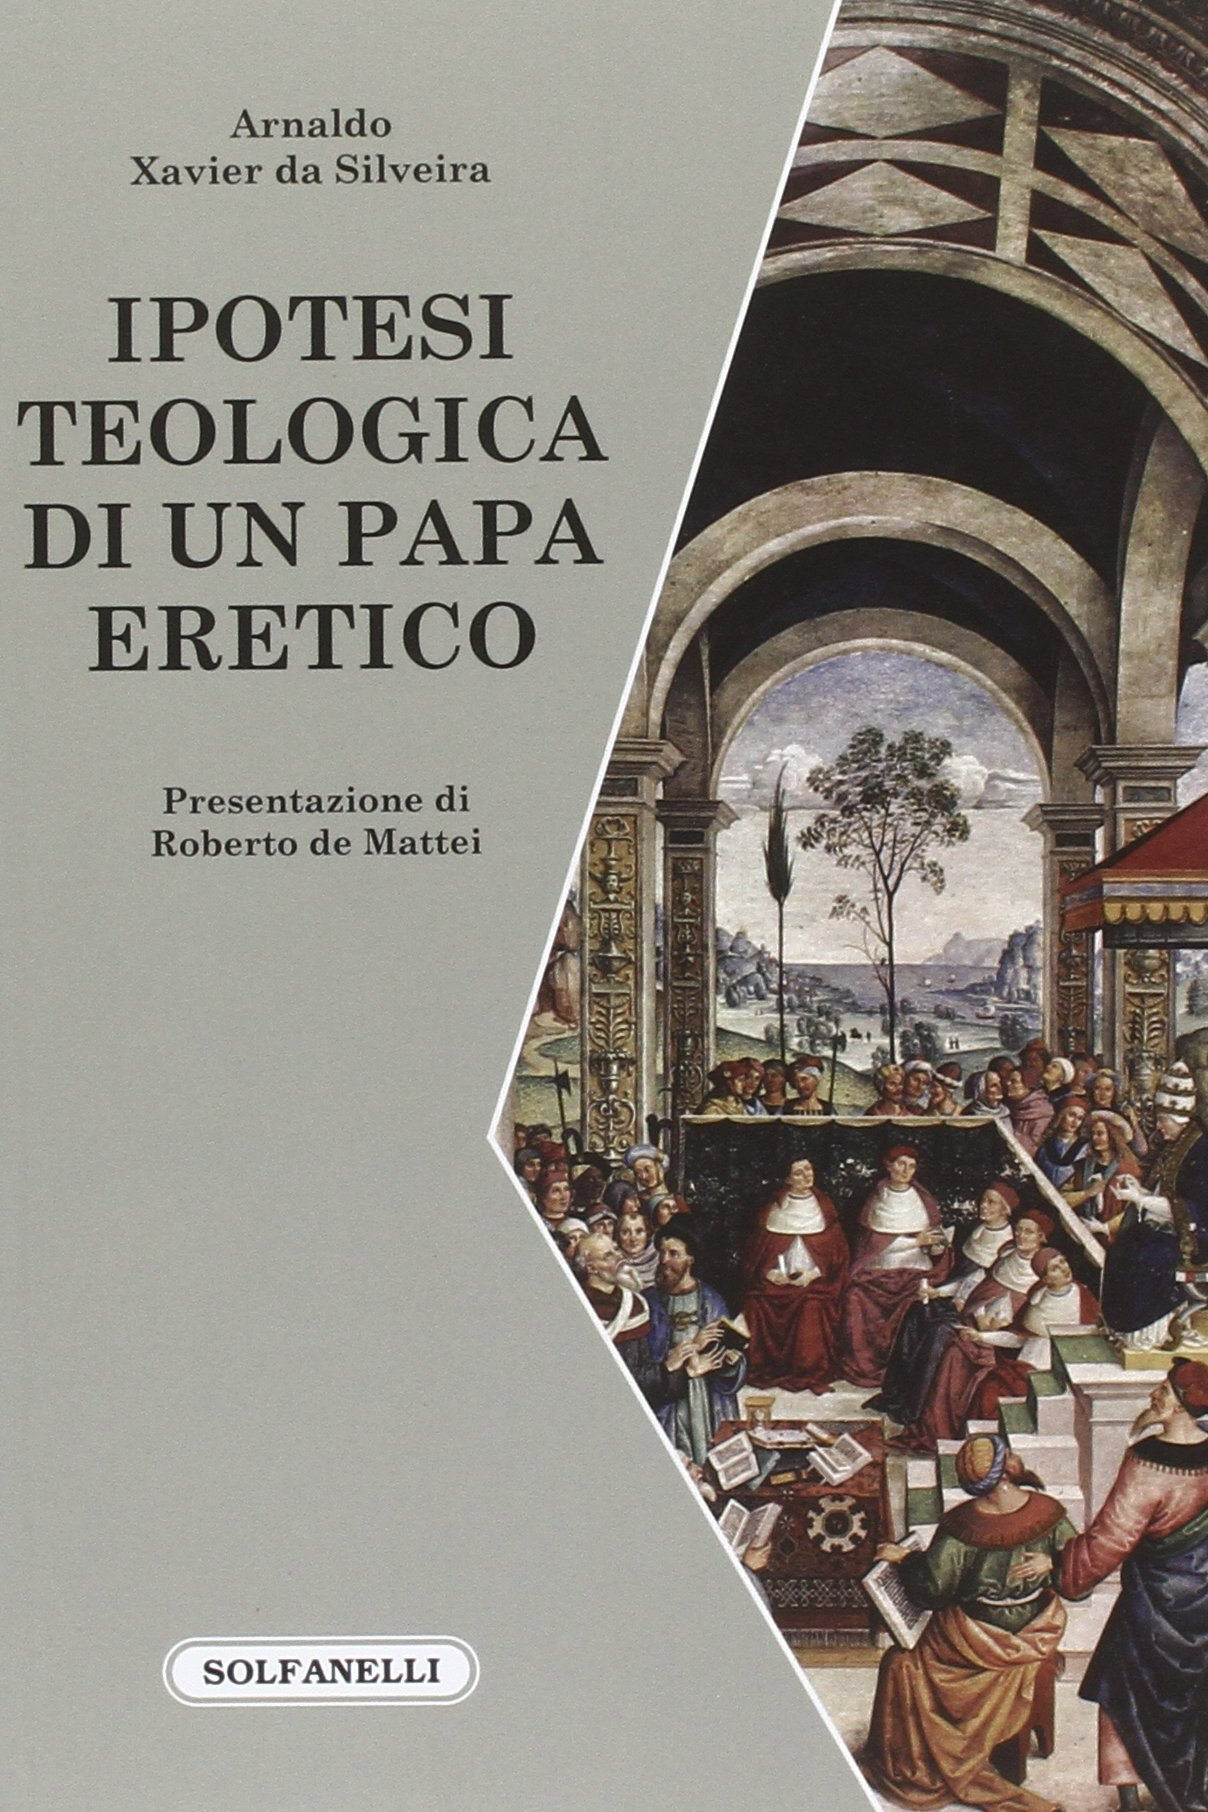 Ipotesi teologica di un papa eretico (Faretra): Amazon.es: Silveira, Arnaldo Xavier da, De Mattei, R.: Libros en idiomas extranjeros